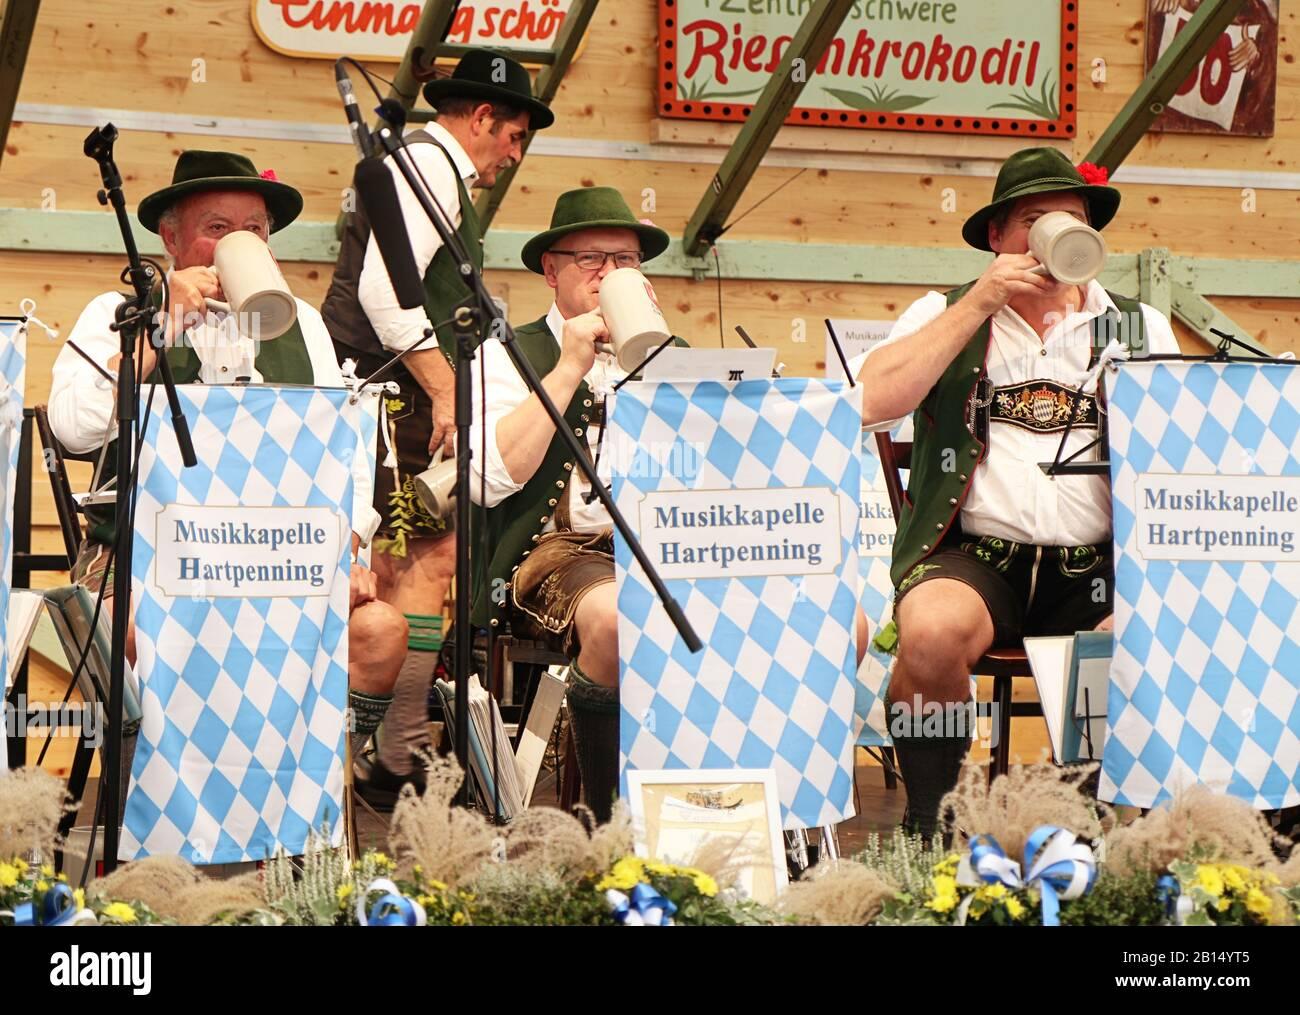 Munich, ALLEMAGNE - 1 OCTOBRE 2019 Pause bière pour le groupe de laiton jouant de la musique traditionnelle en costume bavarois dans une tente de bière de l'histoire d'Oide Wiesn Banque D'Images